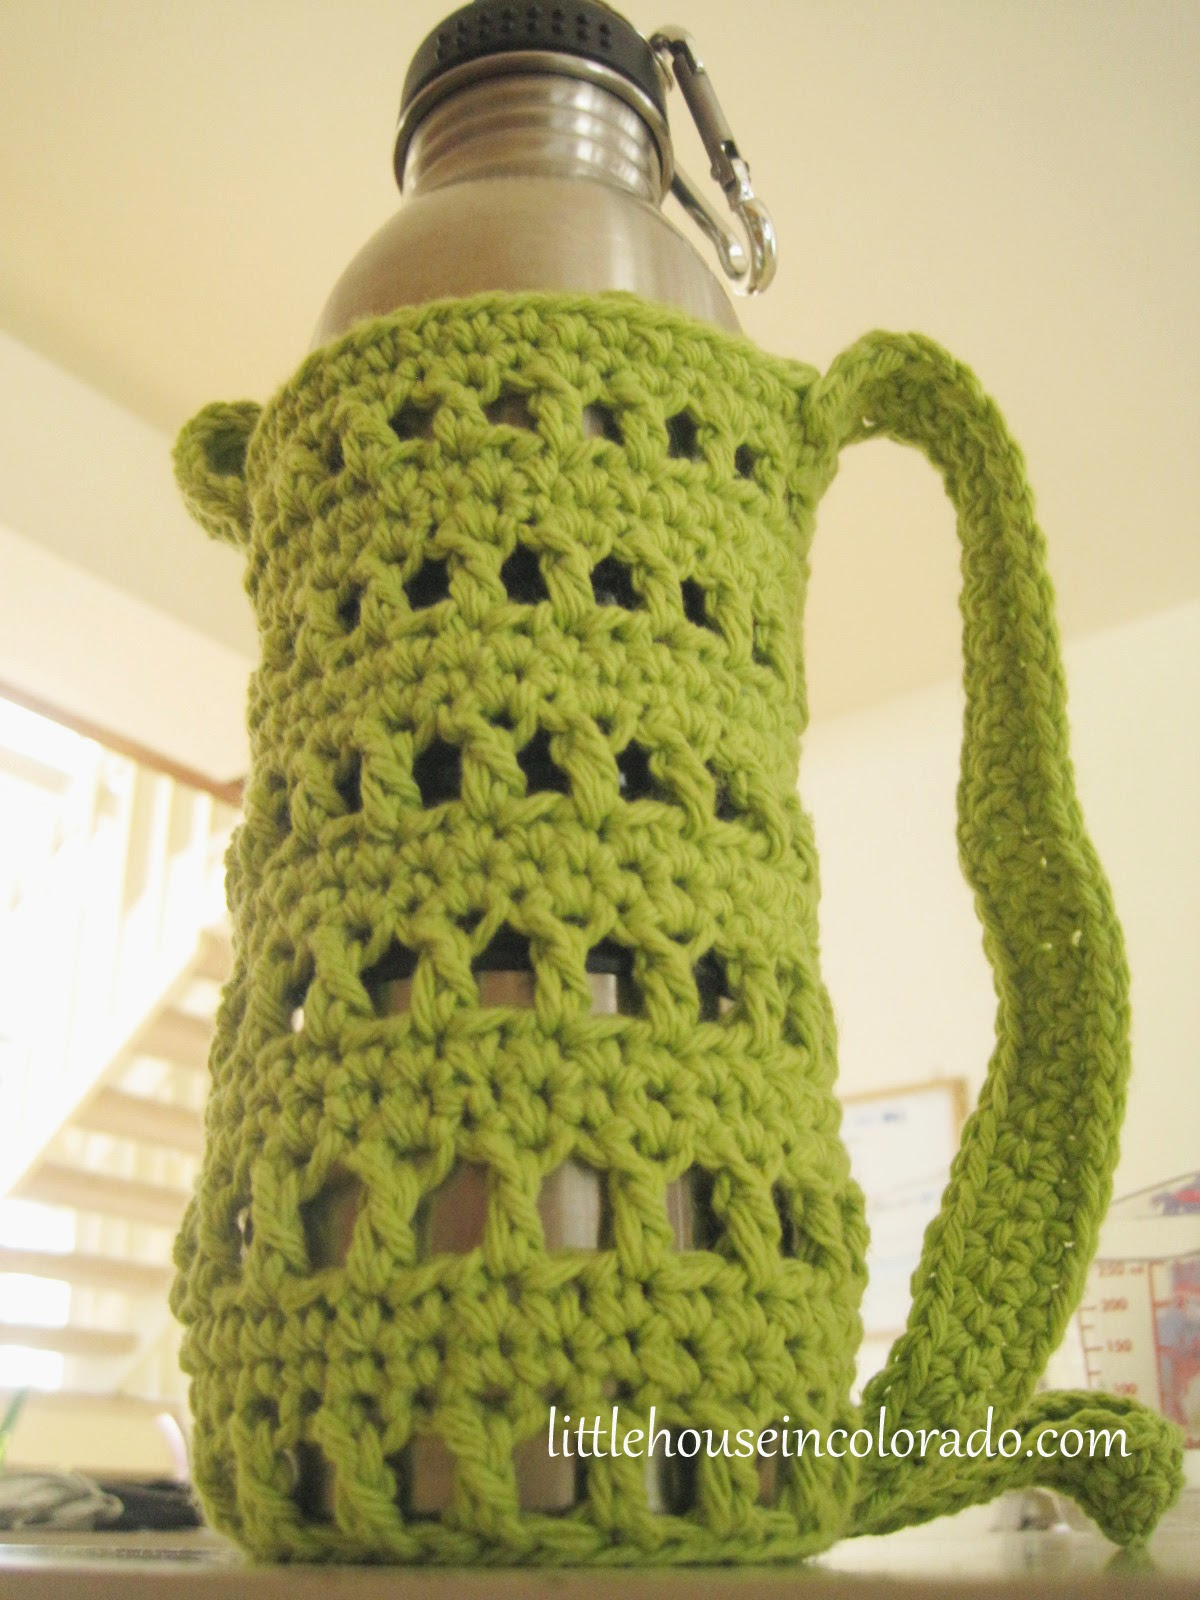 Little house in colorado pattern for crochet water bottle holders dt1010fo